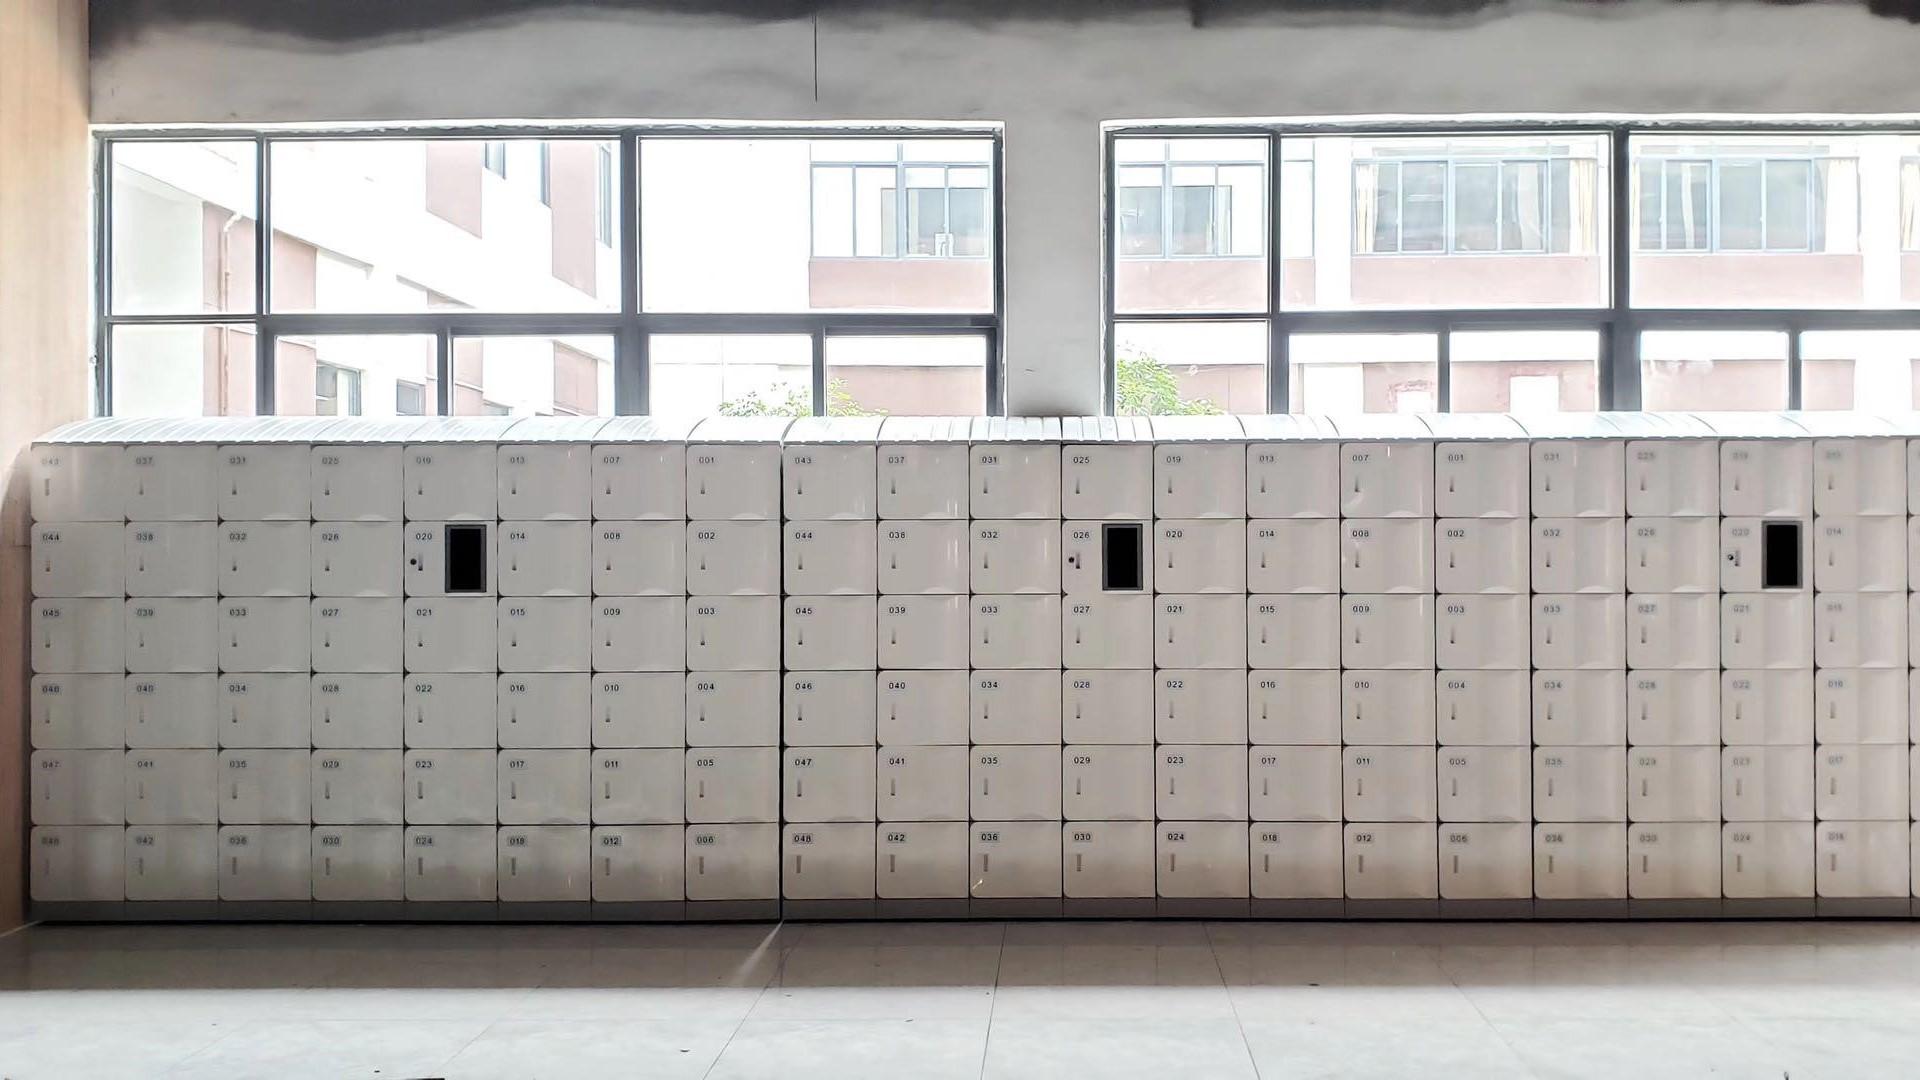 智能ABS联网刷卡柜